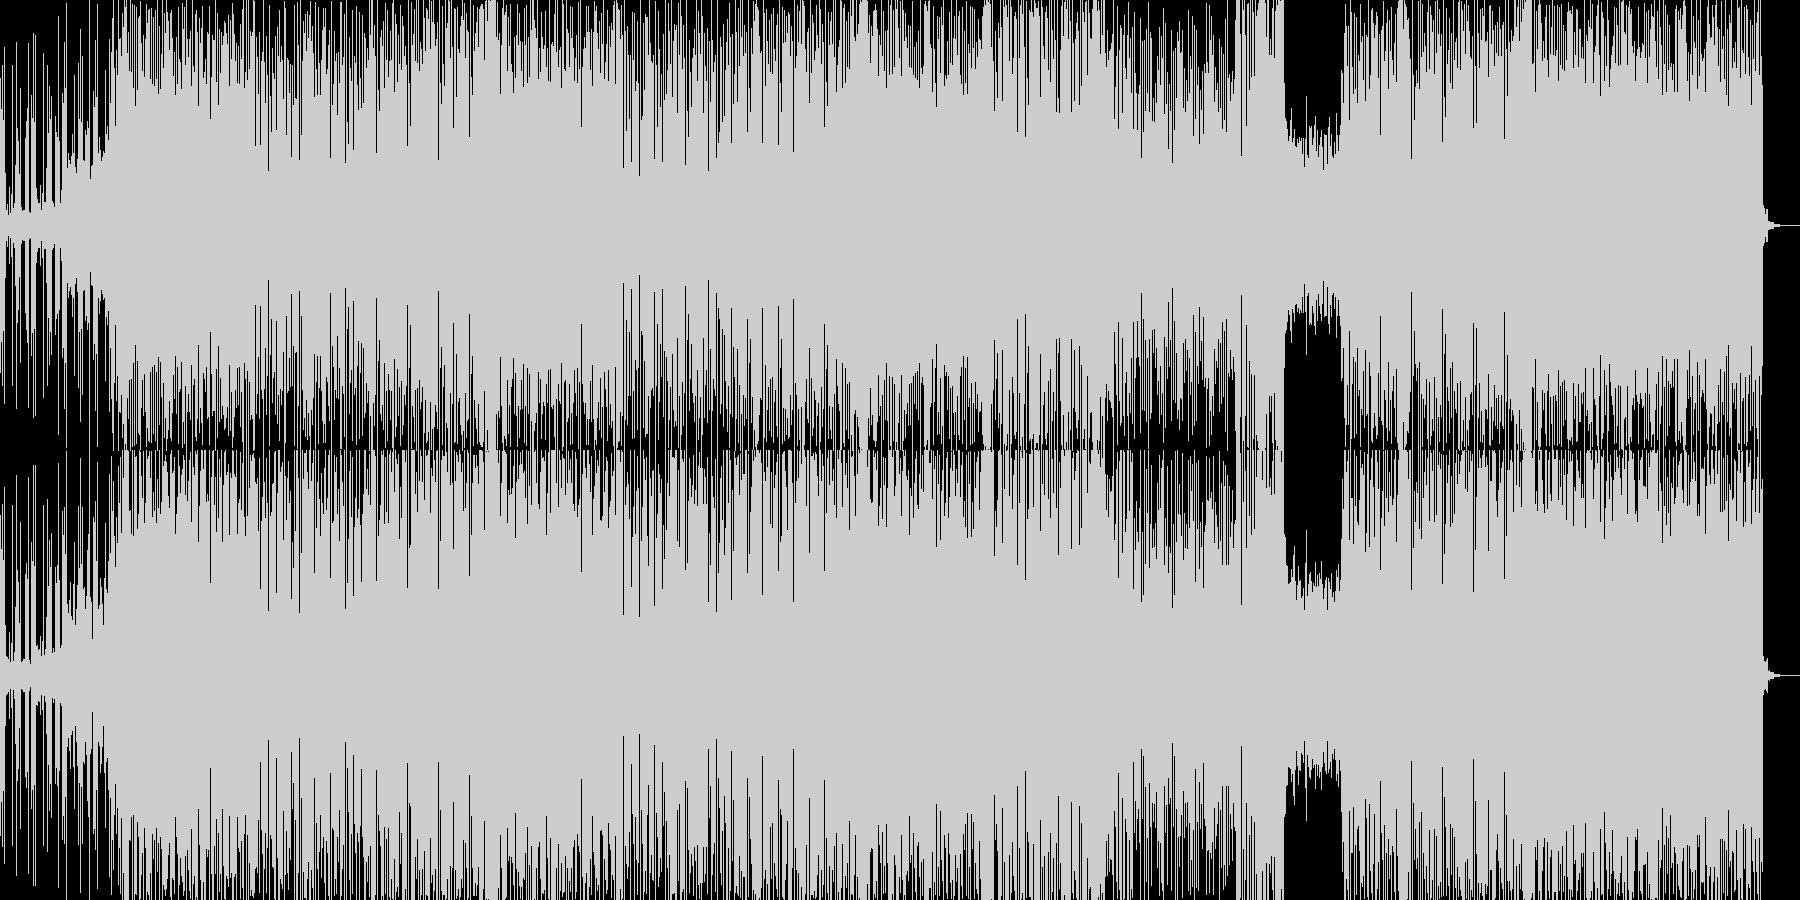 テクノポップ風のJ-Popの未再生の波形